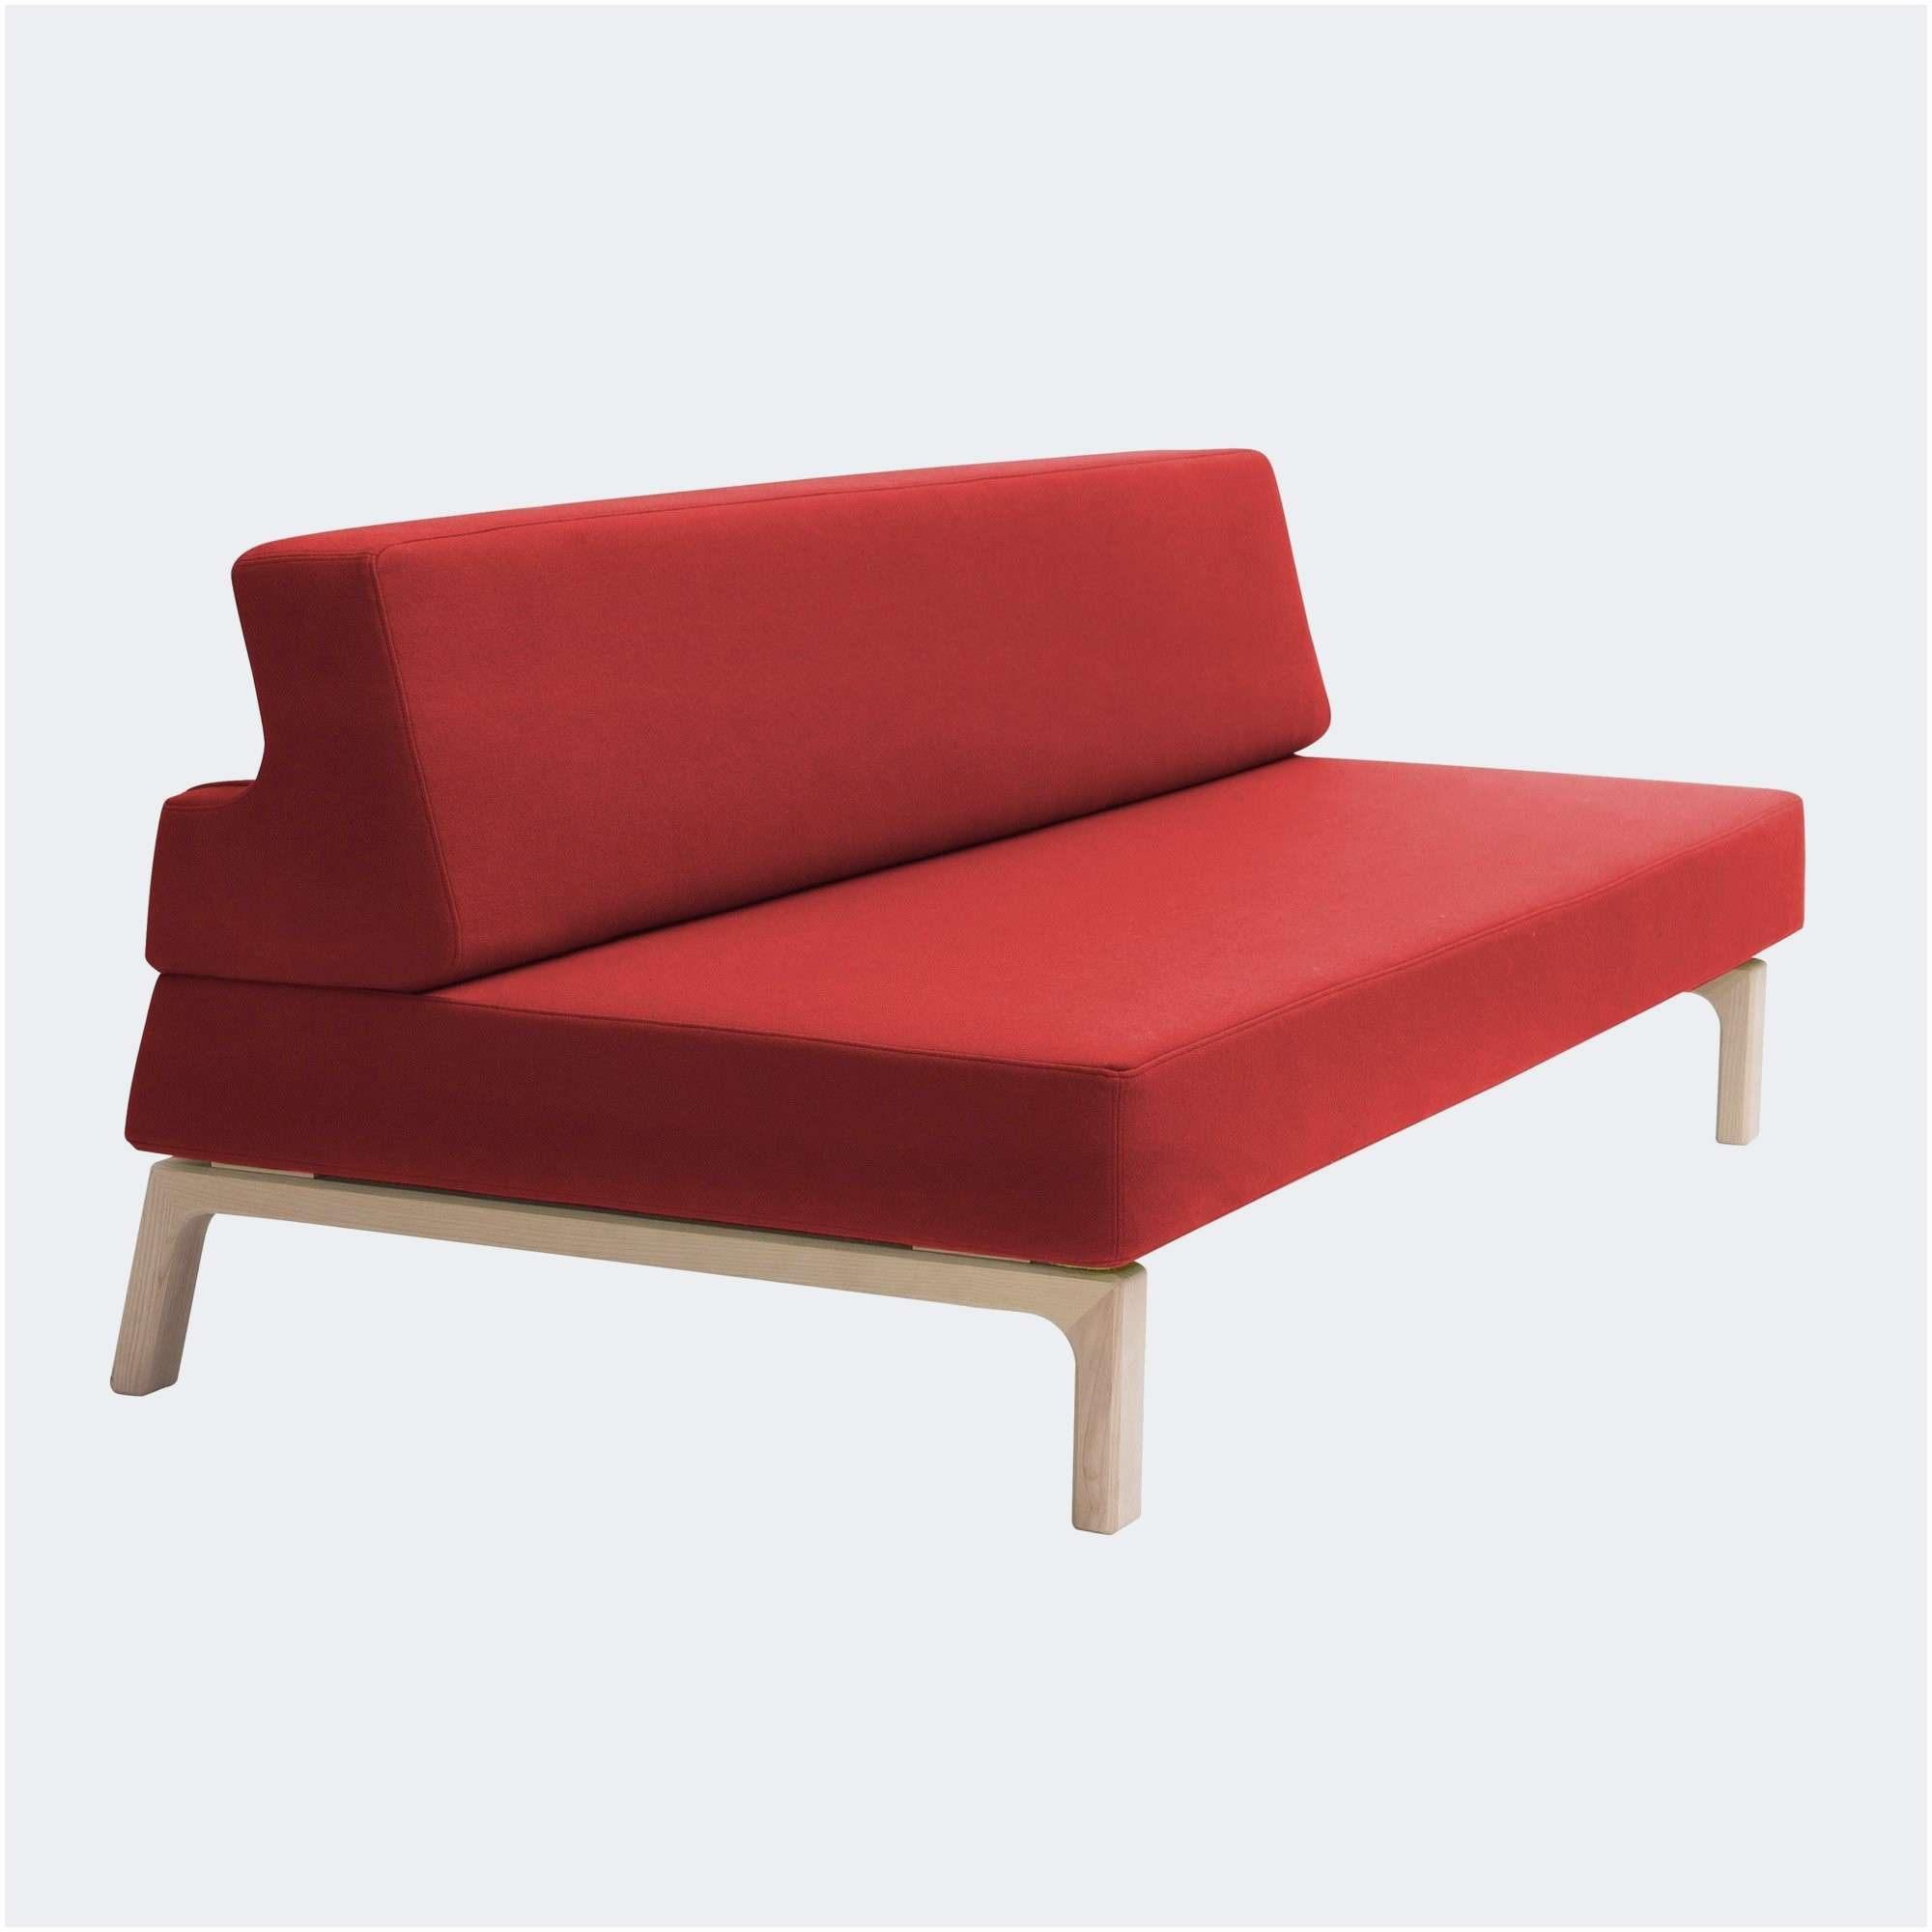 Lit Canapé Ikea Agréable Impressionnant Luxe soldes Canapé Cuir Pour Meilleur Canapé Angle